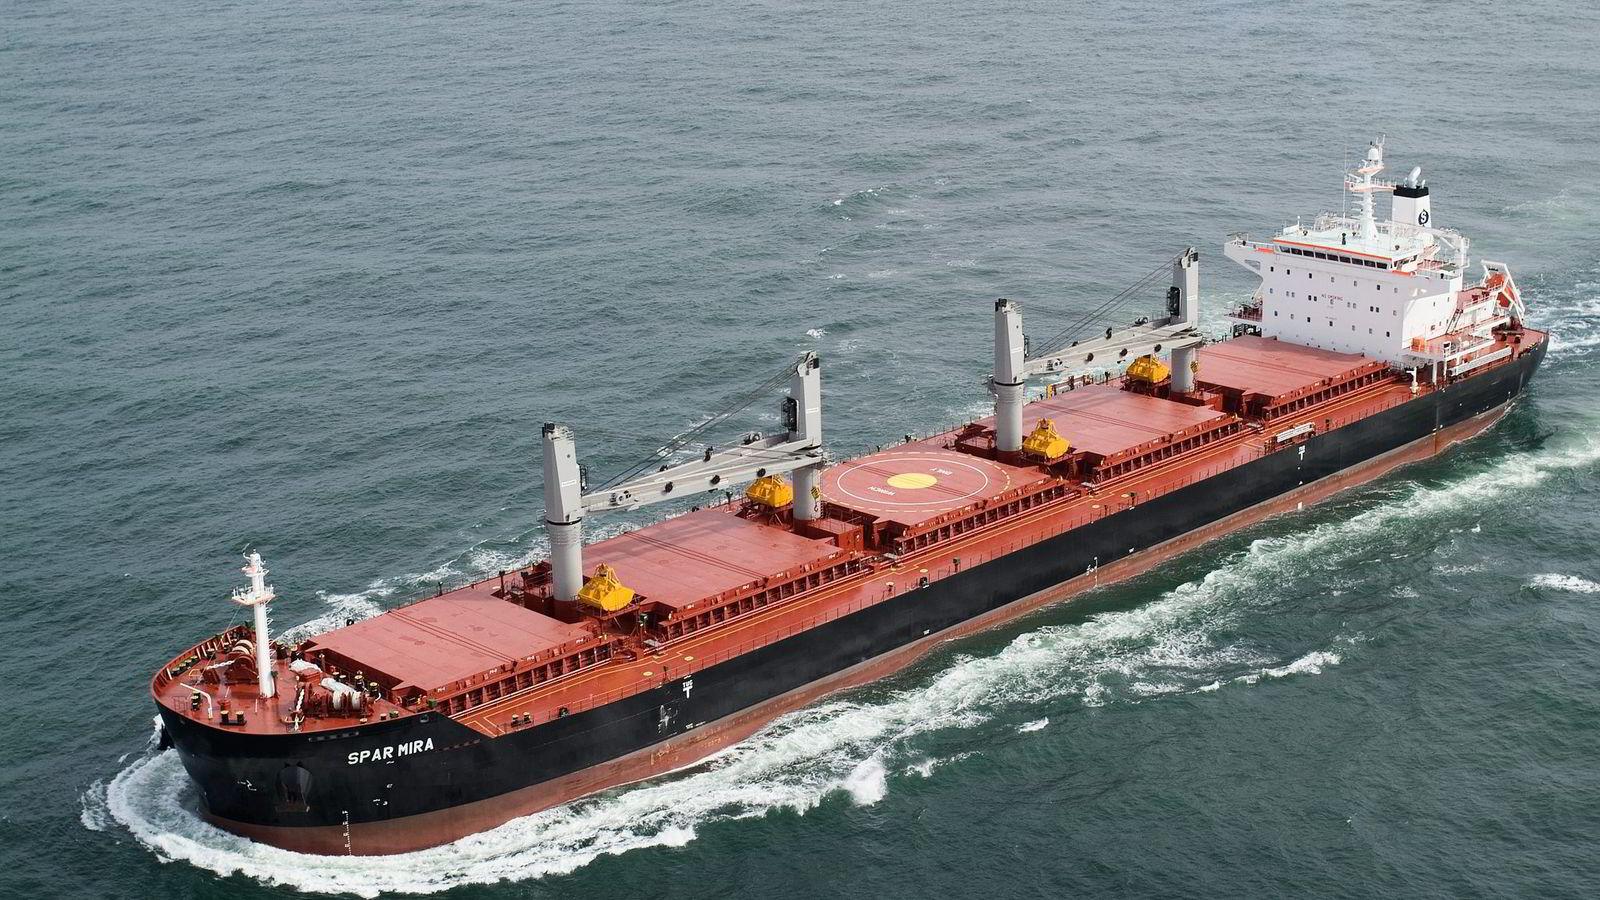 Ved utgangen av fjoråret hadde Spar shipping en bokført egenkapital på 394 millioner dollar.